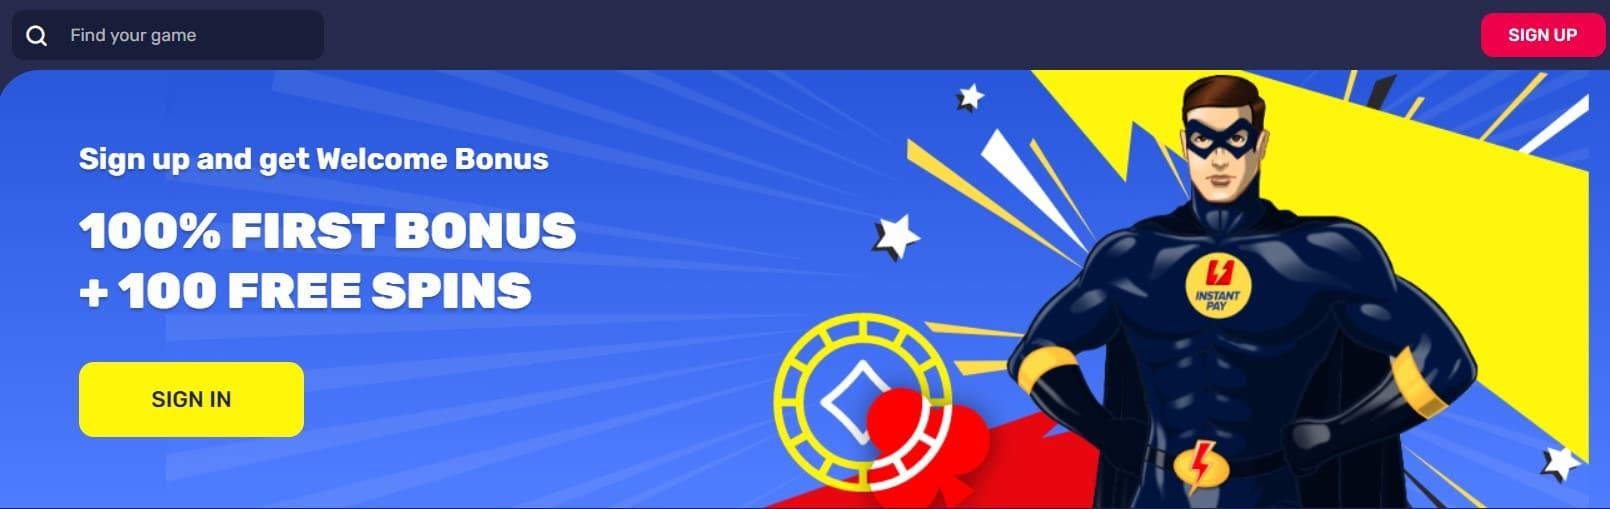 InstantPay Casino Welcome Bonus